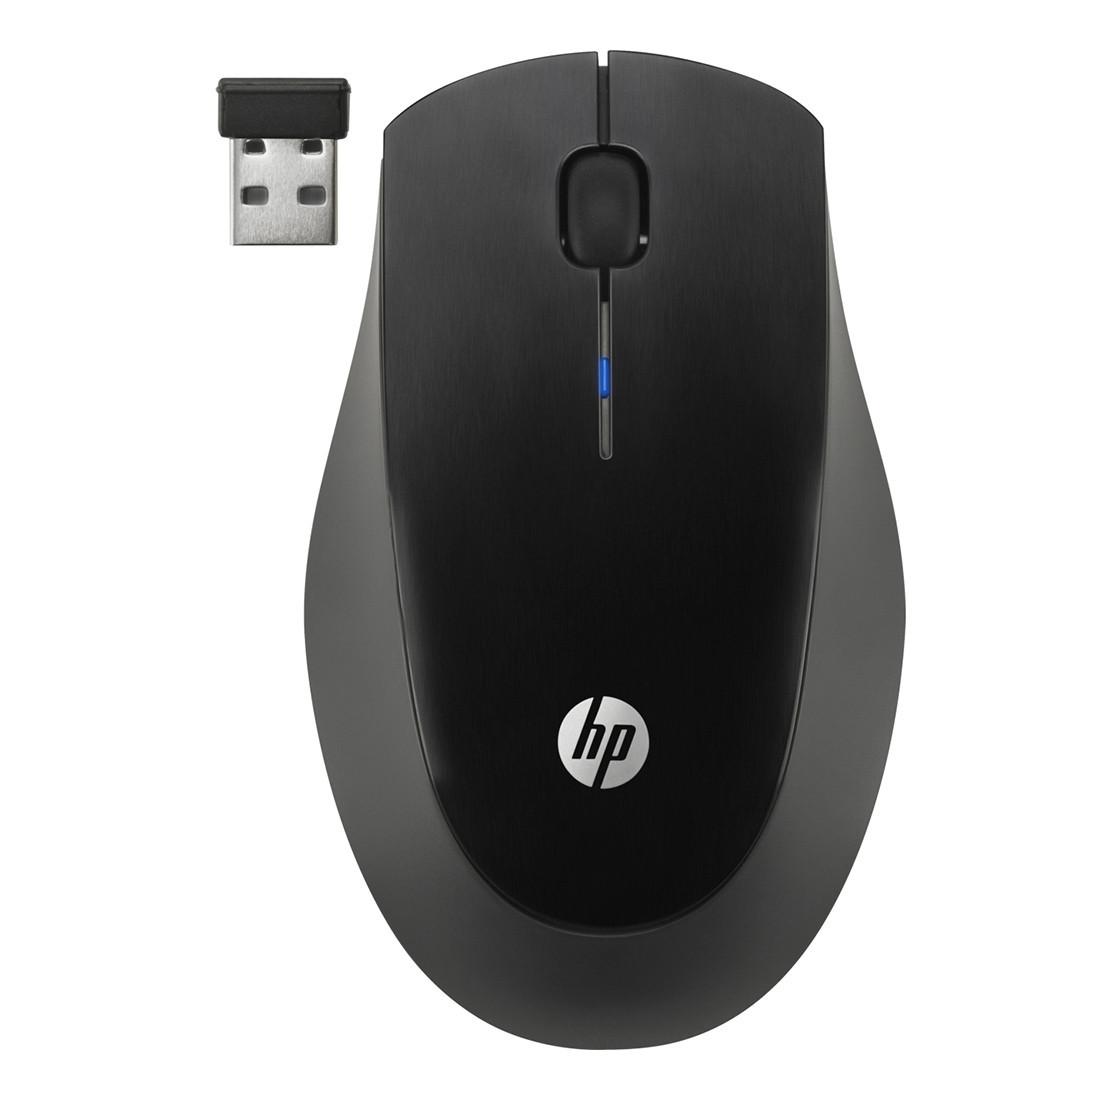 Беспроводная оптическая мышь HP X3900 Black